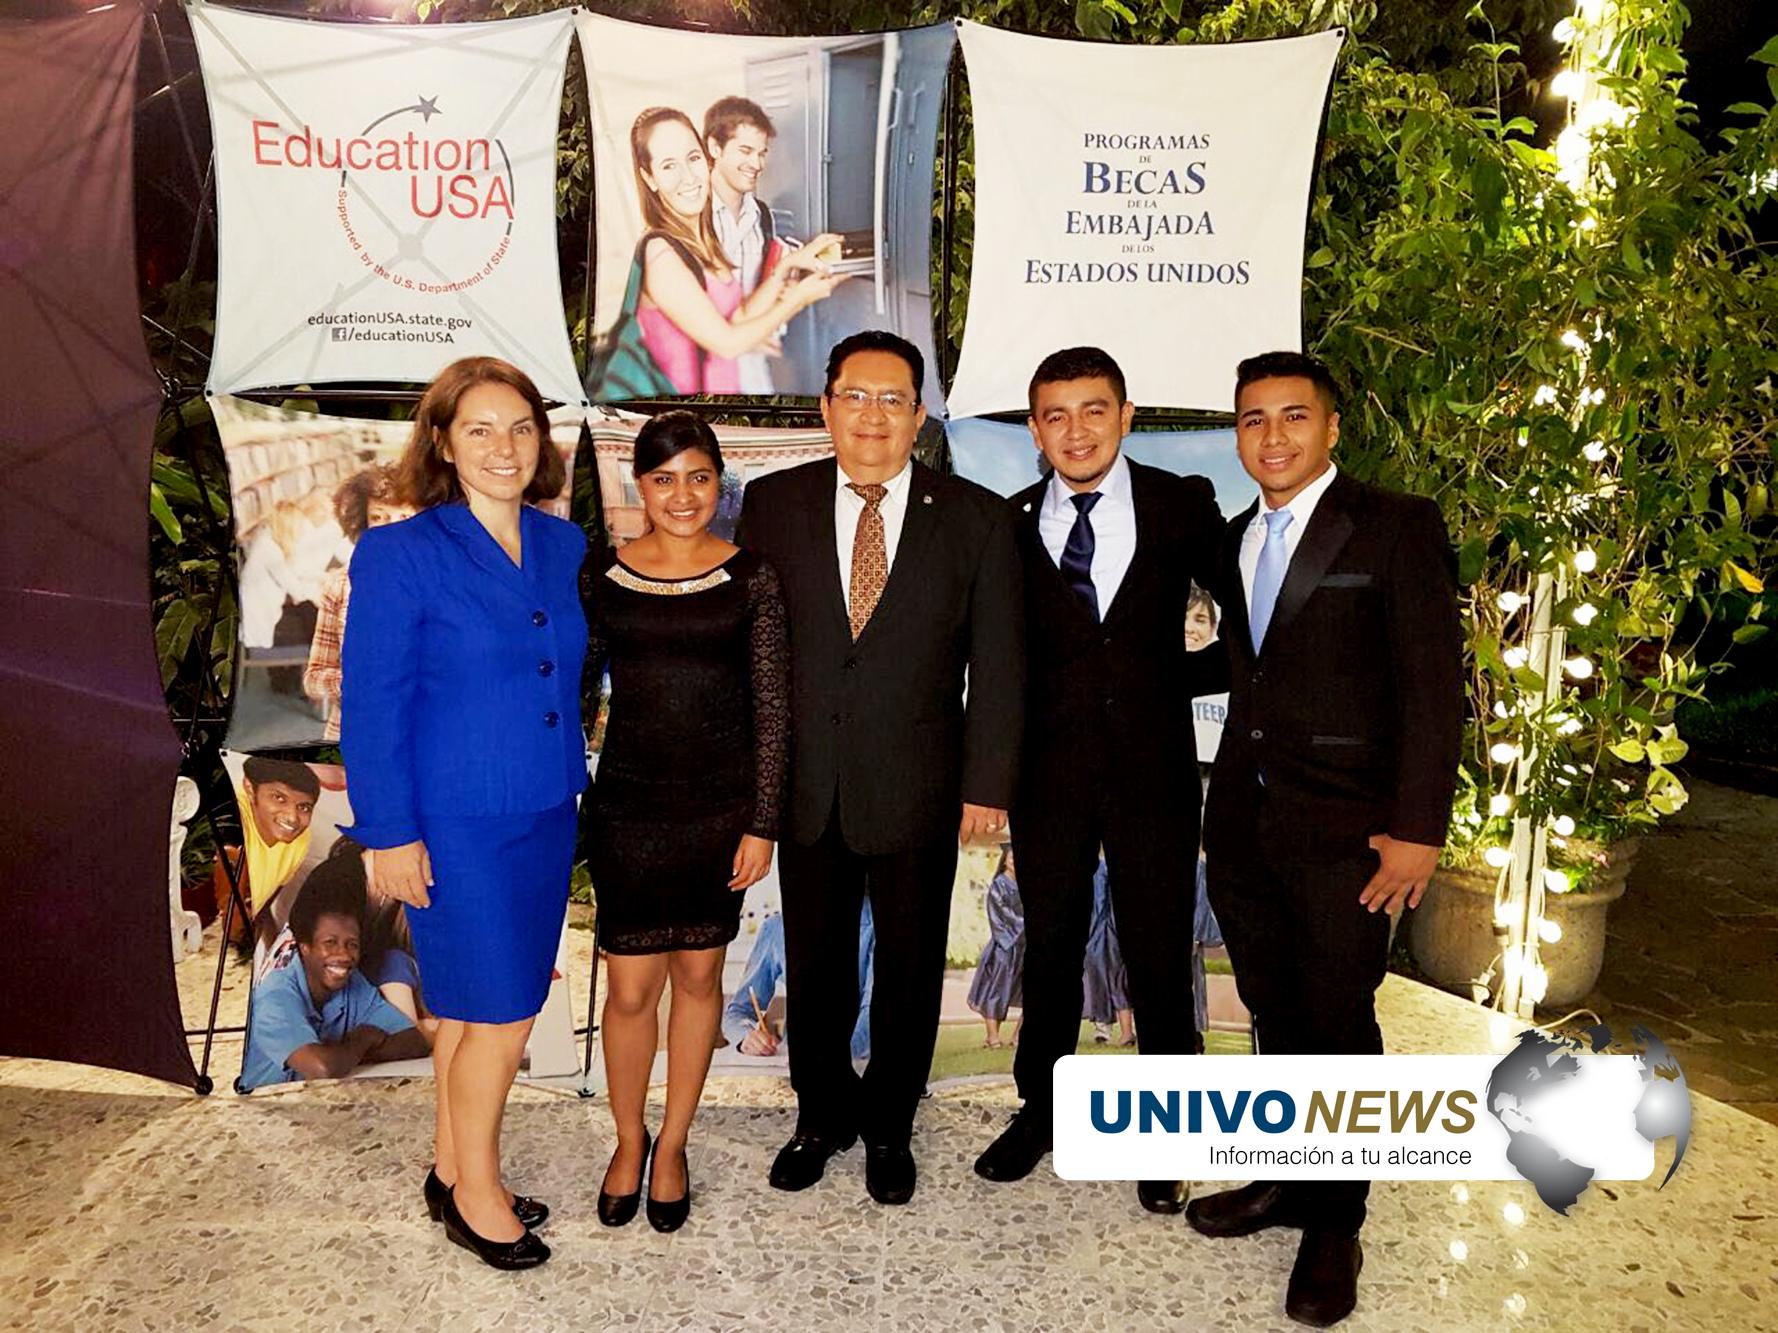 Photo of Estados Unidos beca estudiantes UNIVO